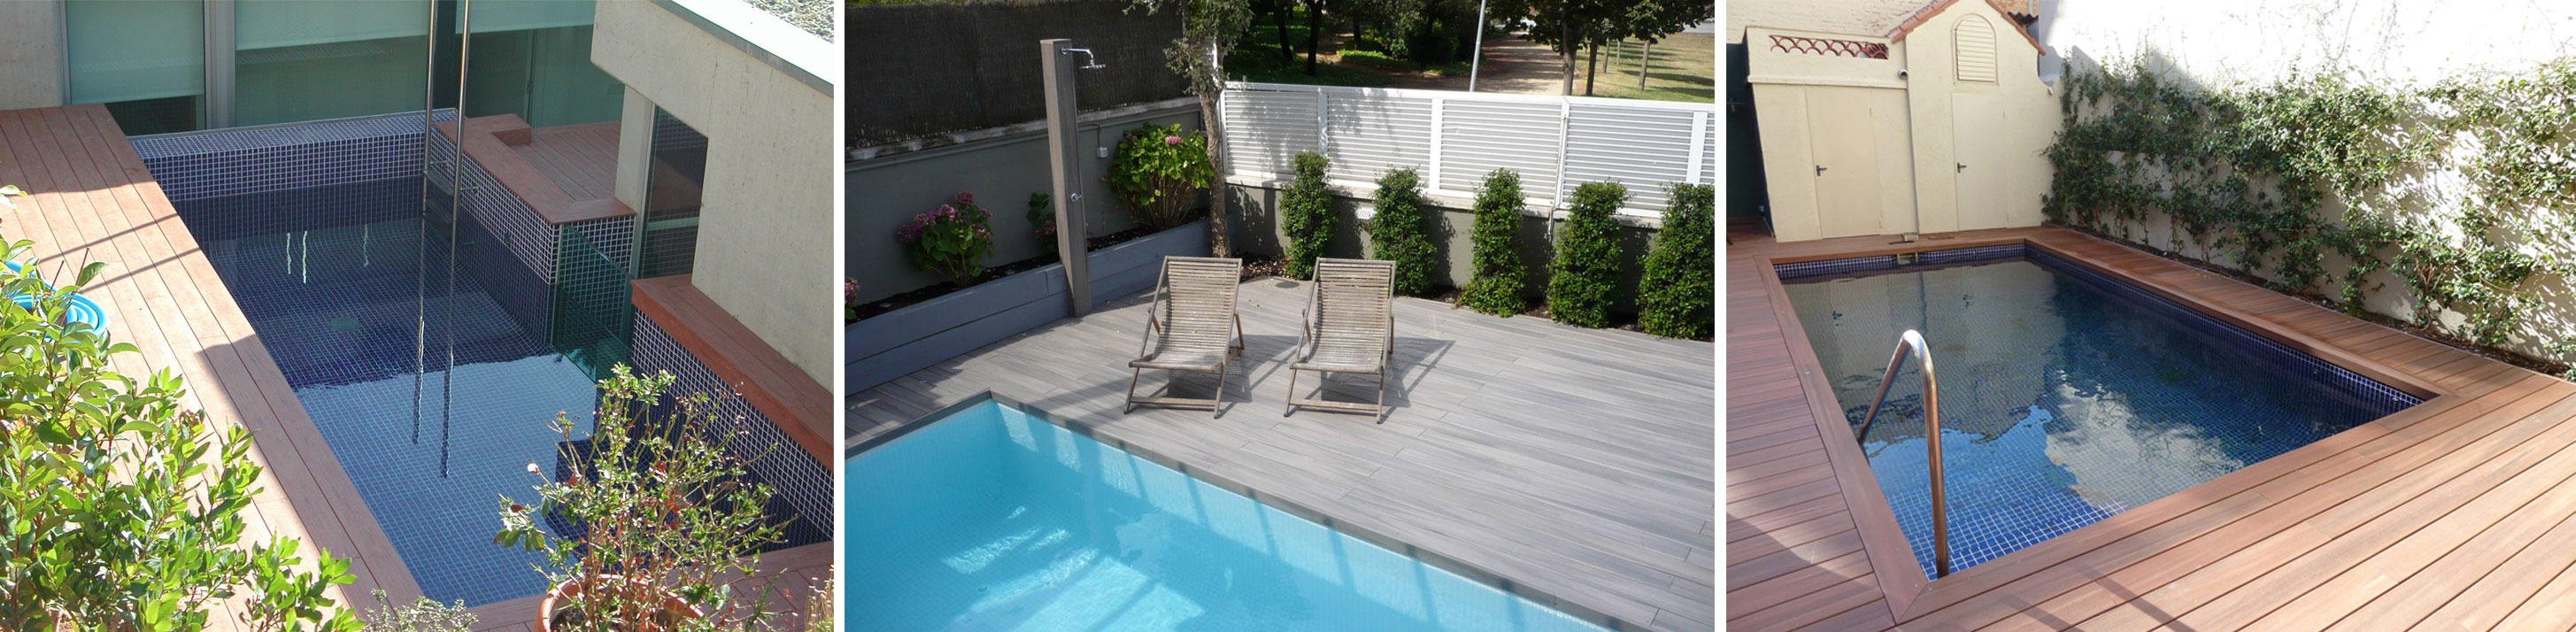 Piscina pequena terraza dise o belle maison for Piscinas pequenas para terrazas